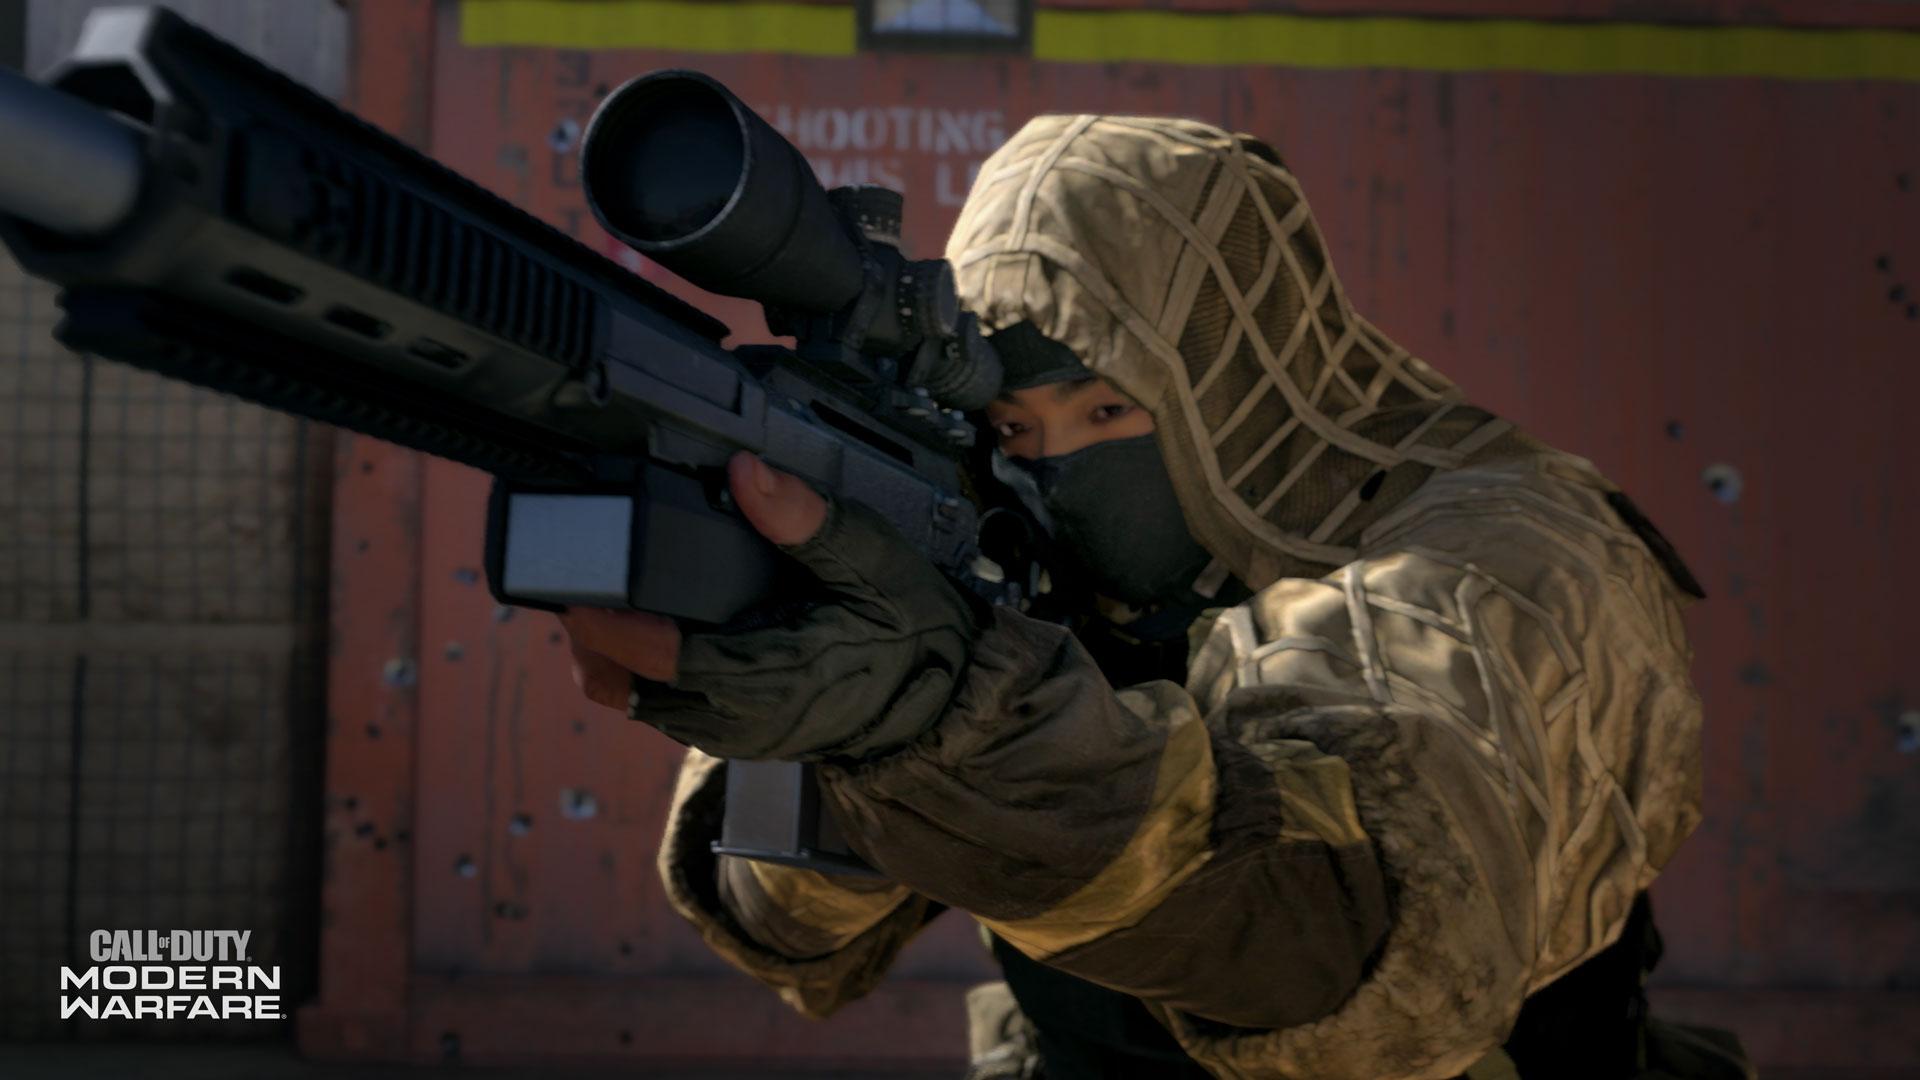 BETA GETTINGSTARTED 02 - Das erwartet euch in der Call of Duty Modern Warfare Beta